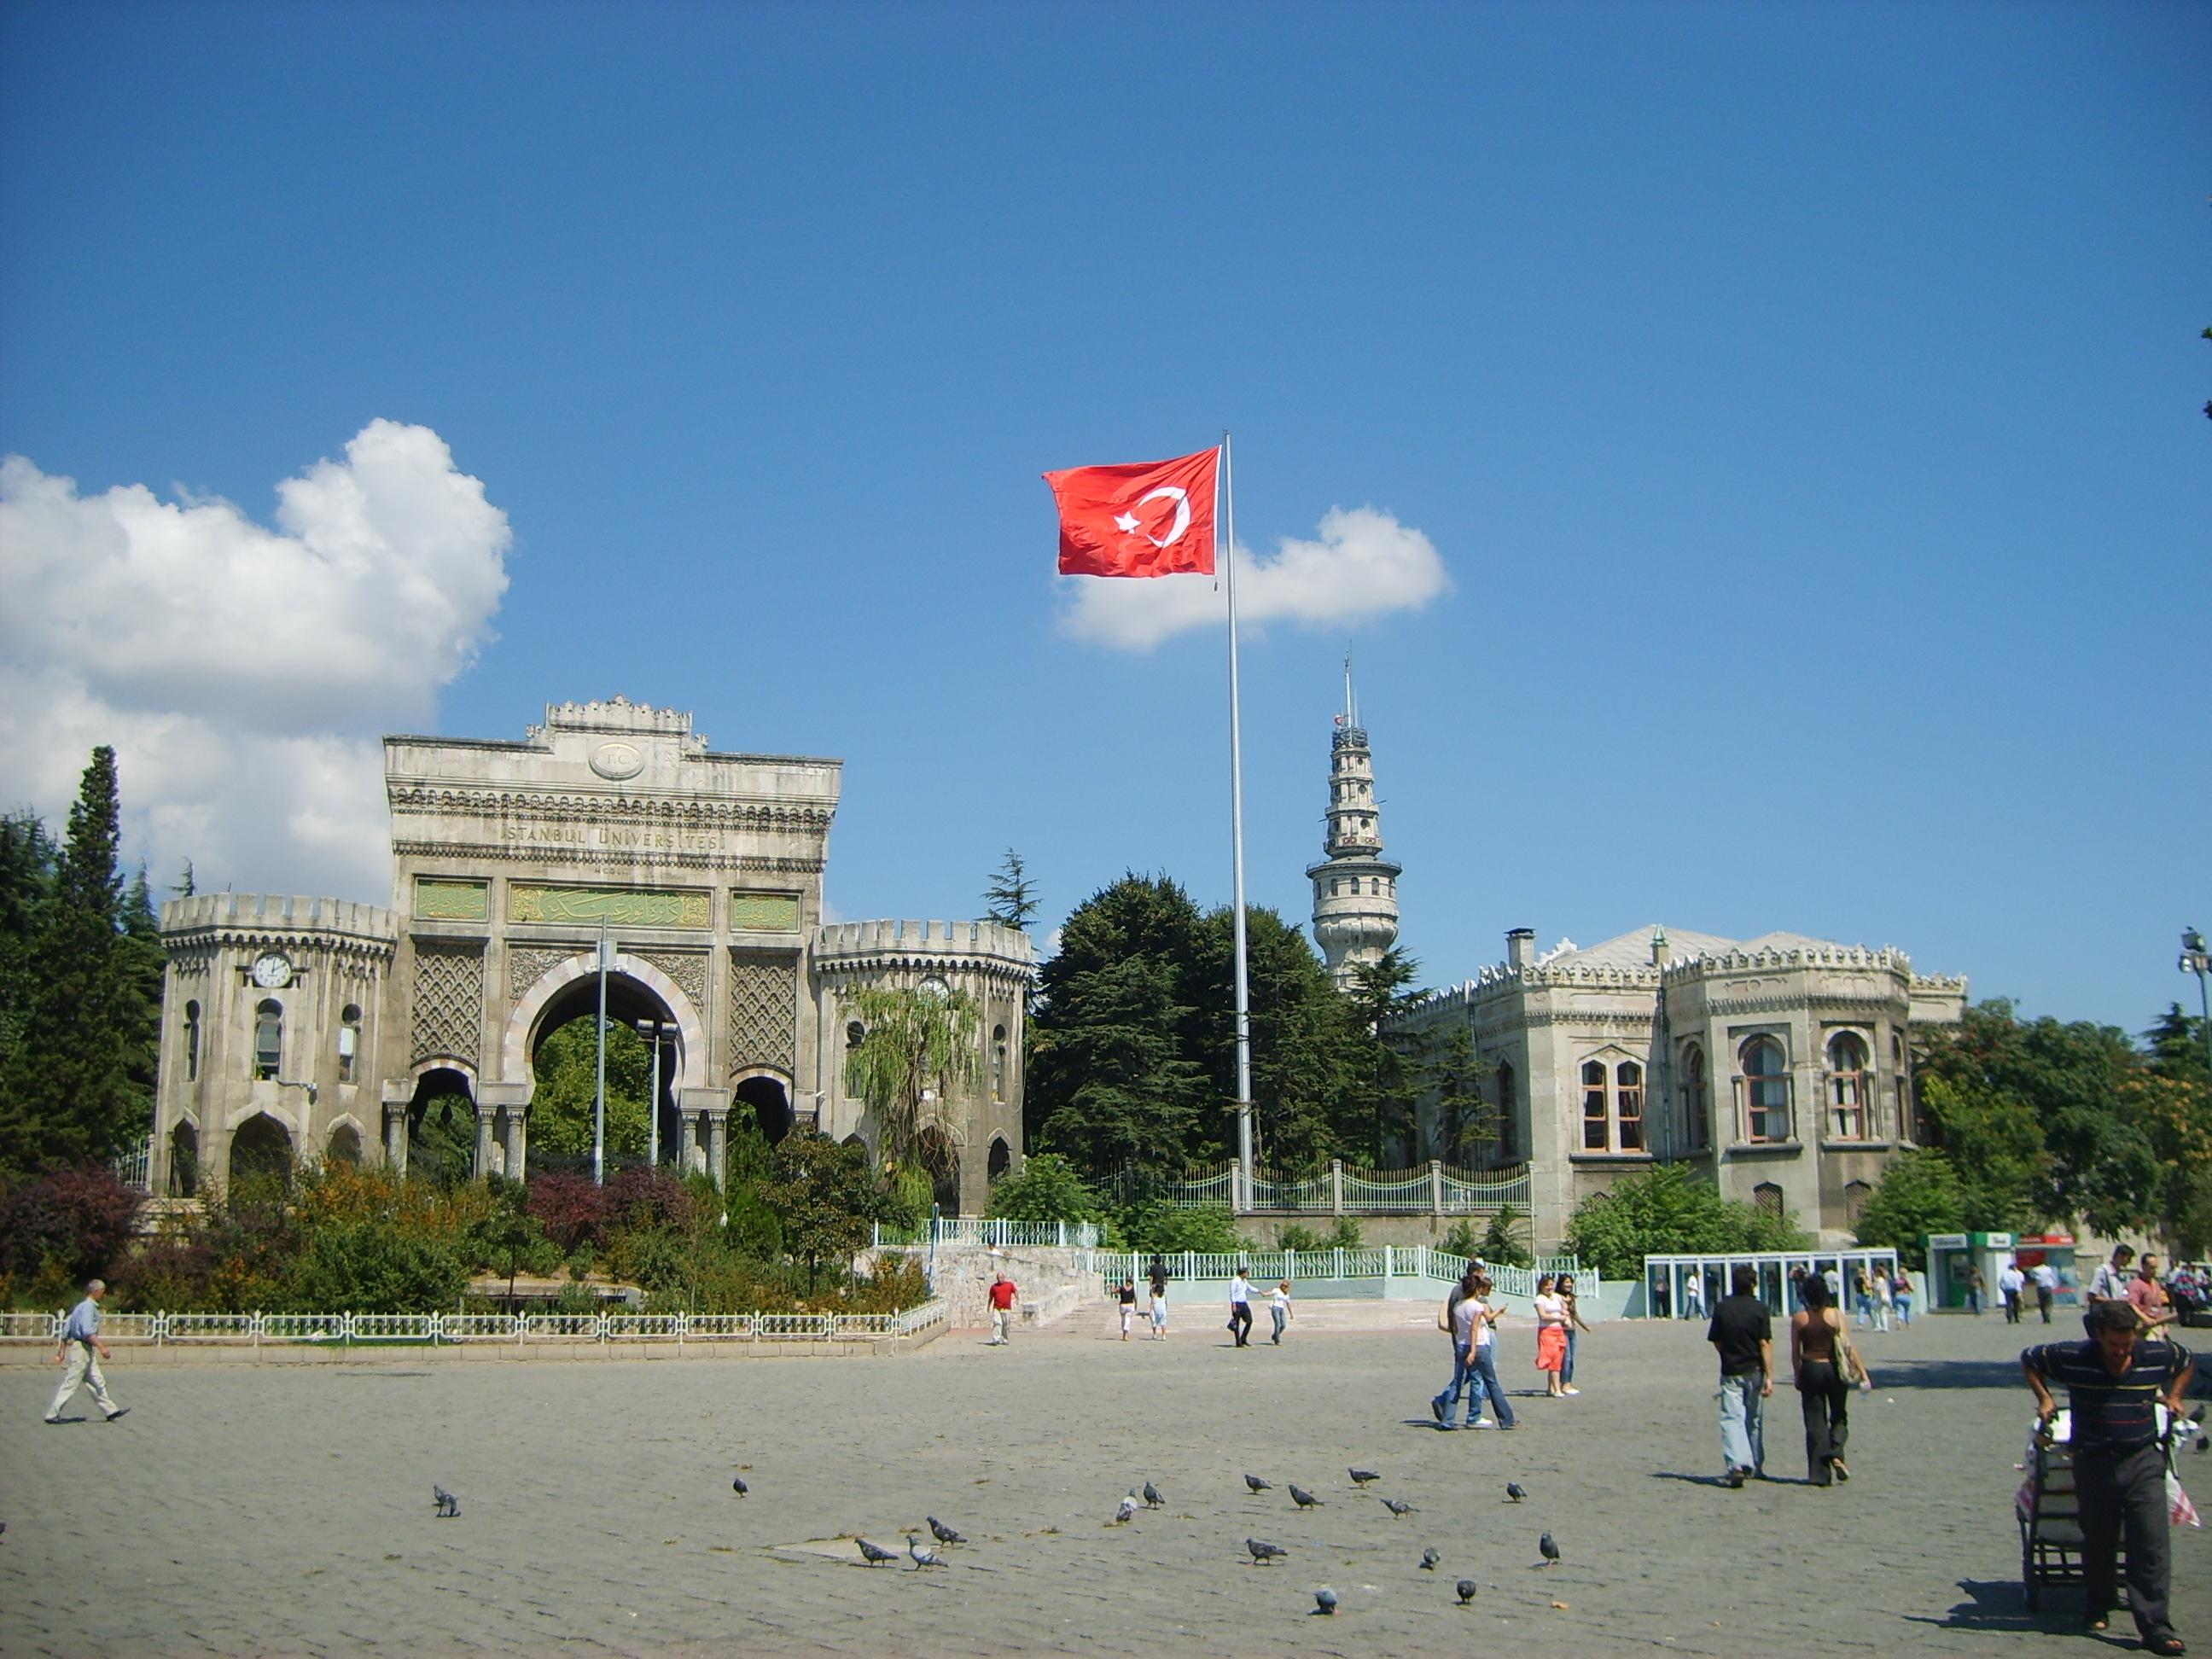 التعليم العالي والمنح في تركيا: قوة ناعمة